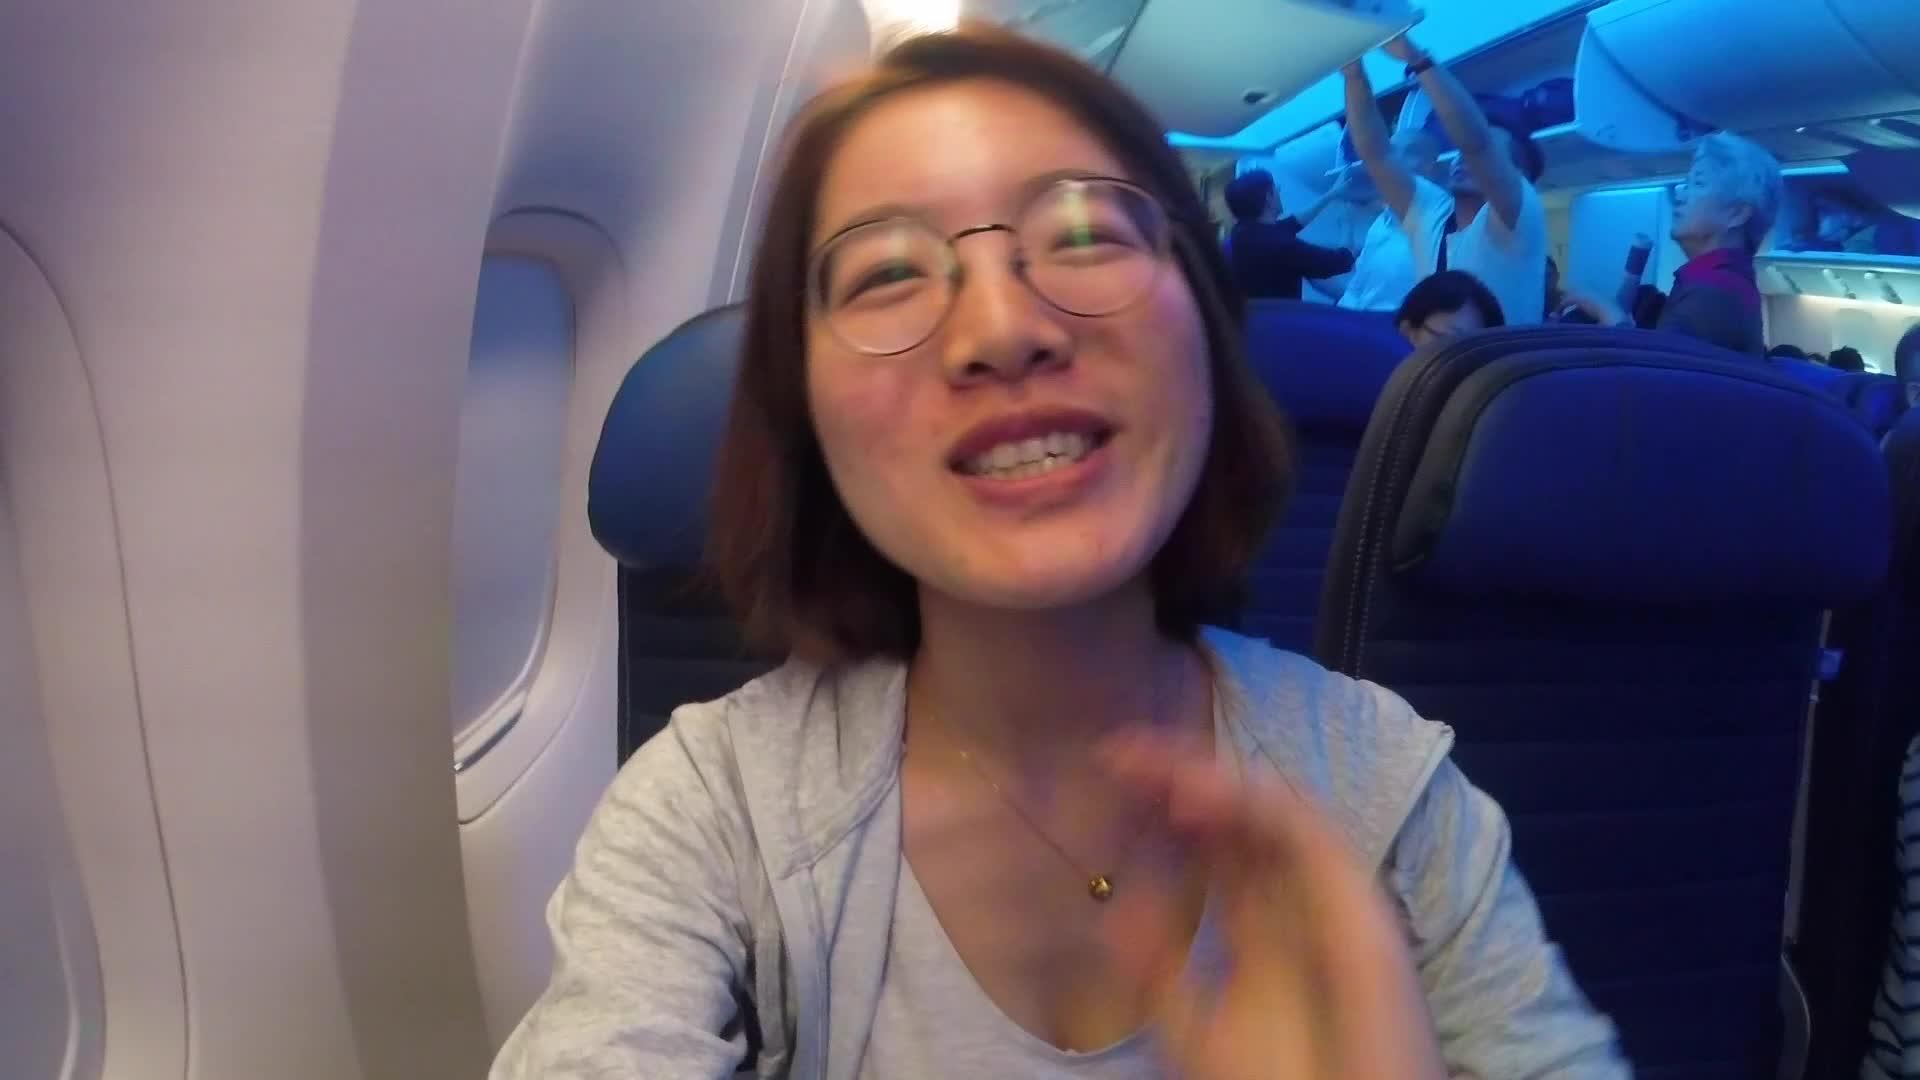 GoPro Hero 6发布会番外:十八线女主持Eva人在囧途